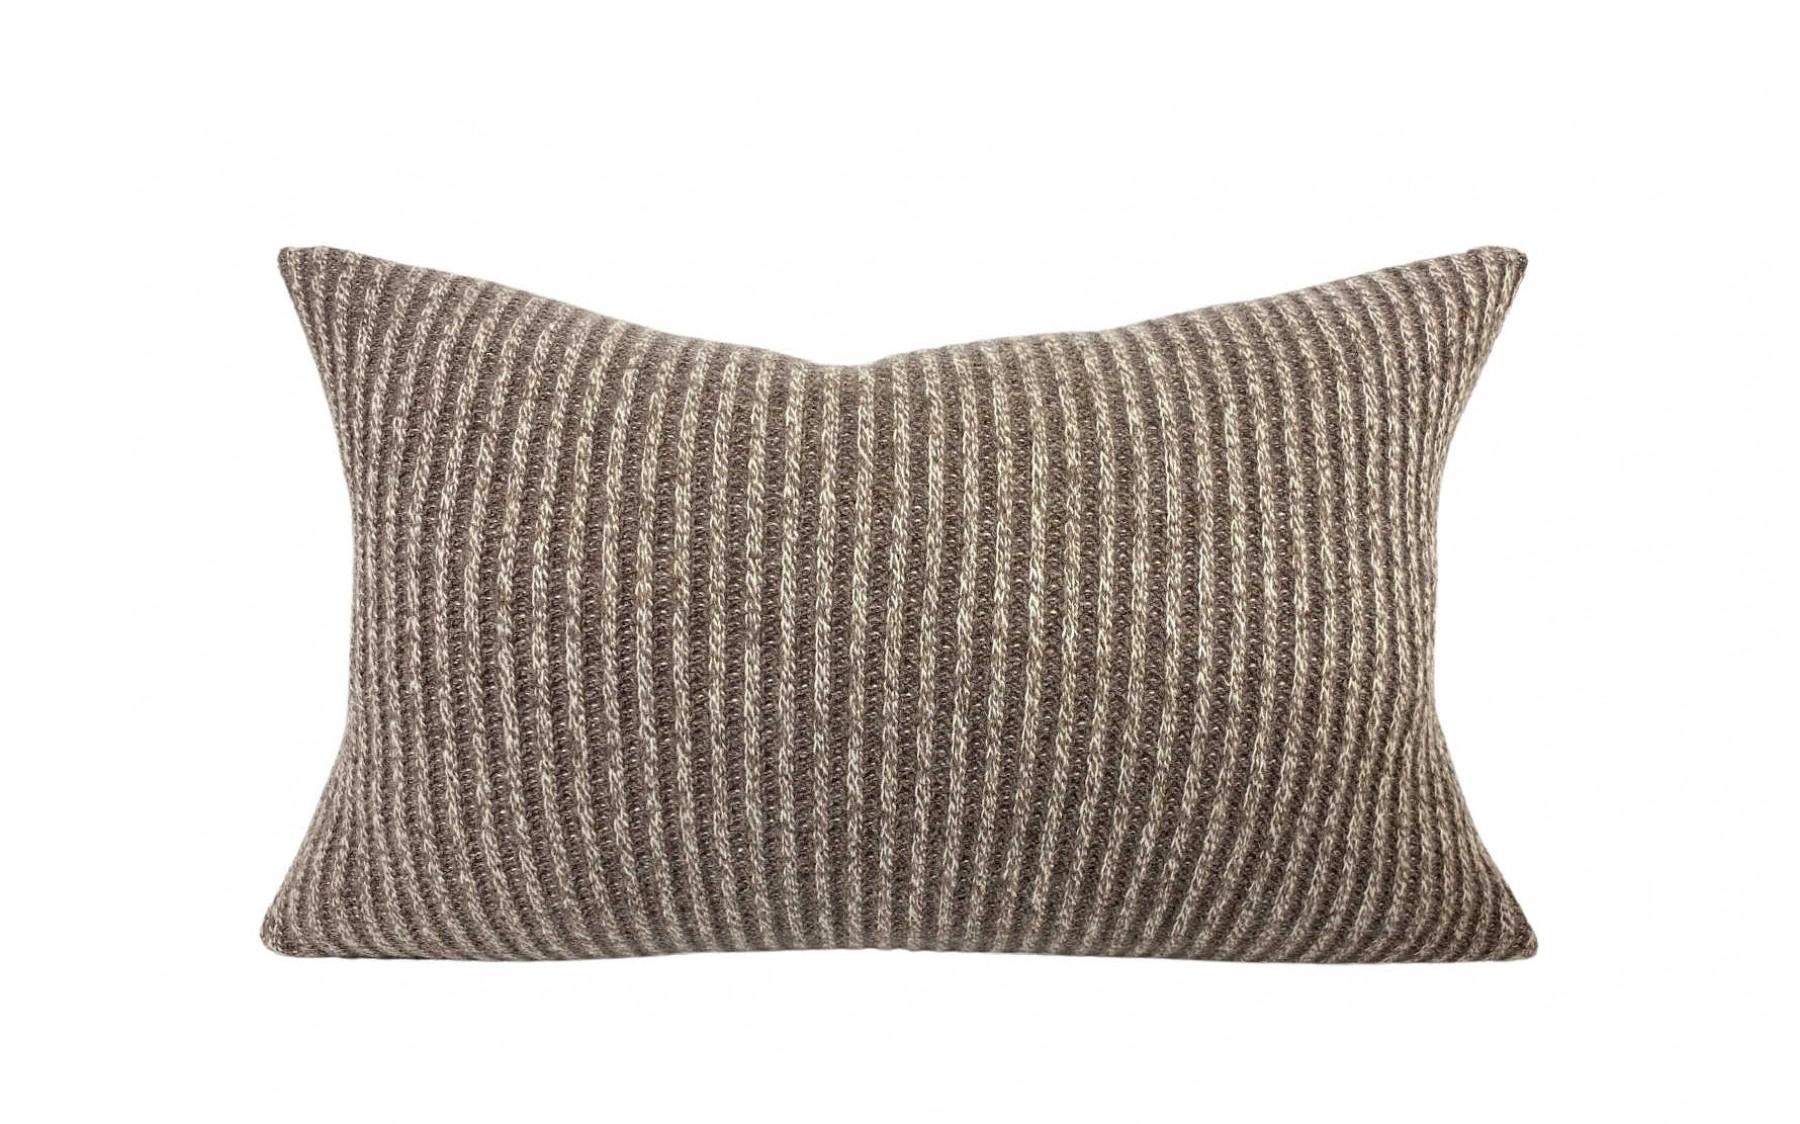 Cushion | Knit at the Beach